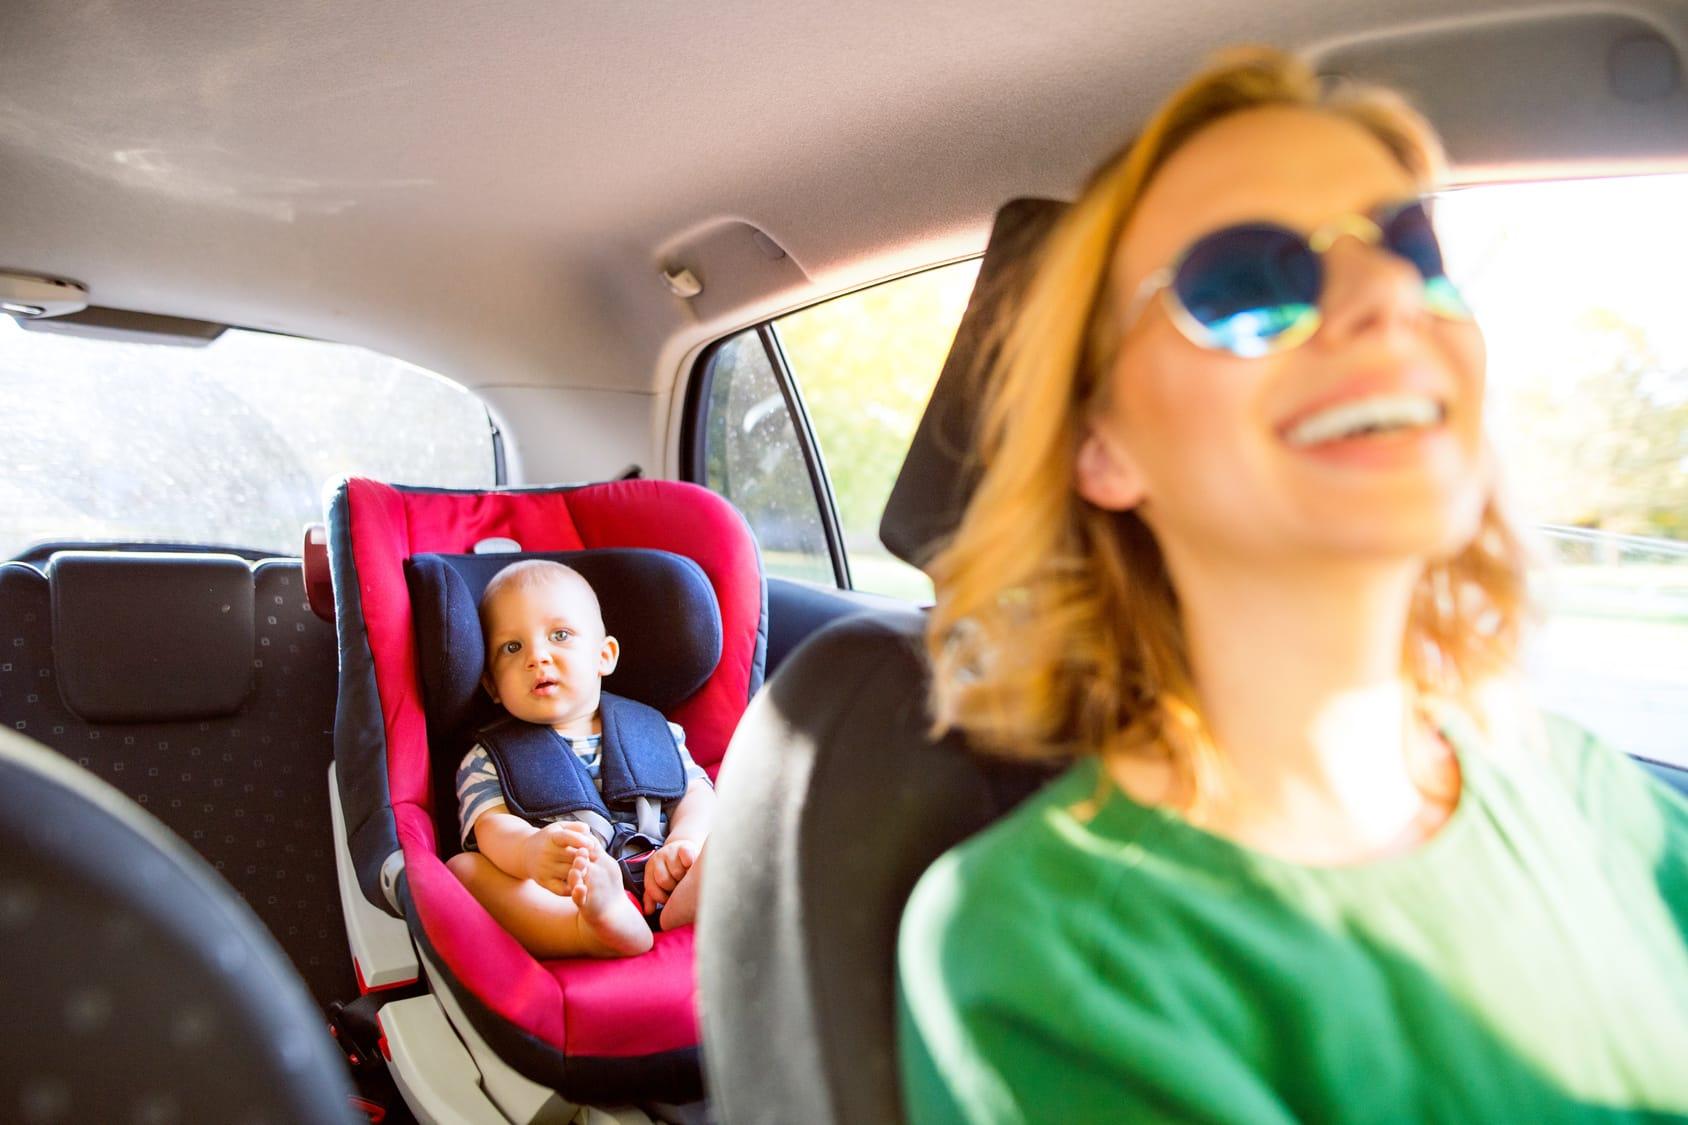 Autopolster reinigen – 7 Tipps & Tricks